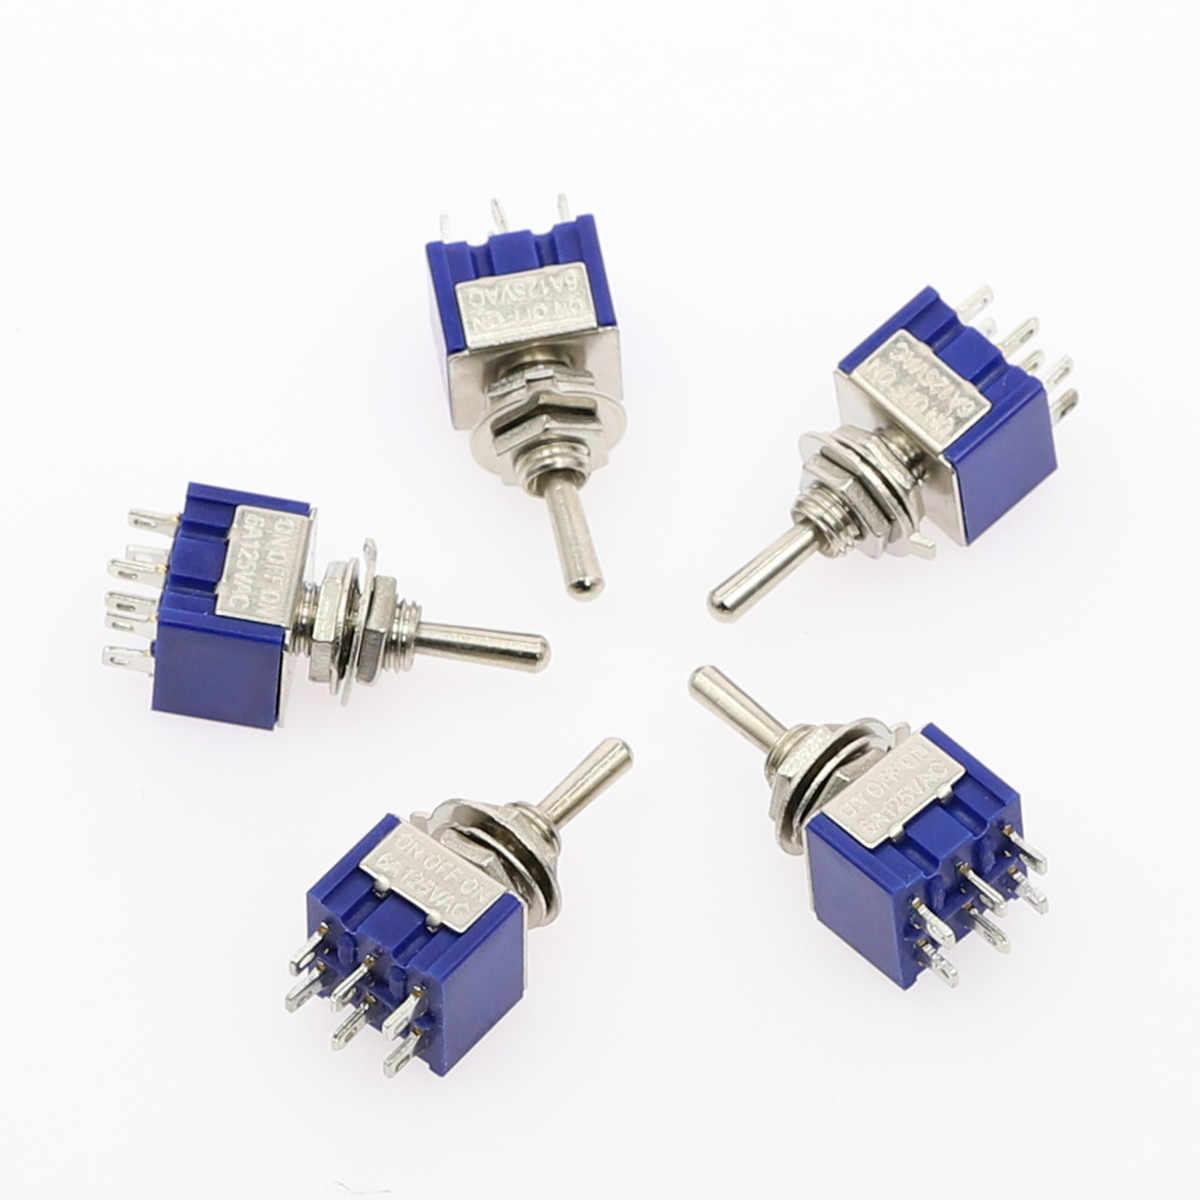 5 قطعة مصغرة تبديل التبديل القطب واحد رمي مزدوج على الخروج على/على 120VAC 6A 1/4 بوصة تصاعد MTS-102 103 202 203